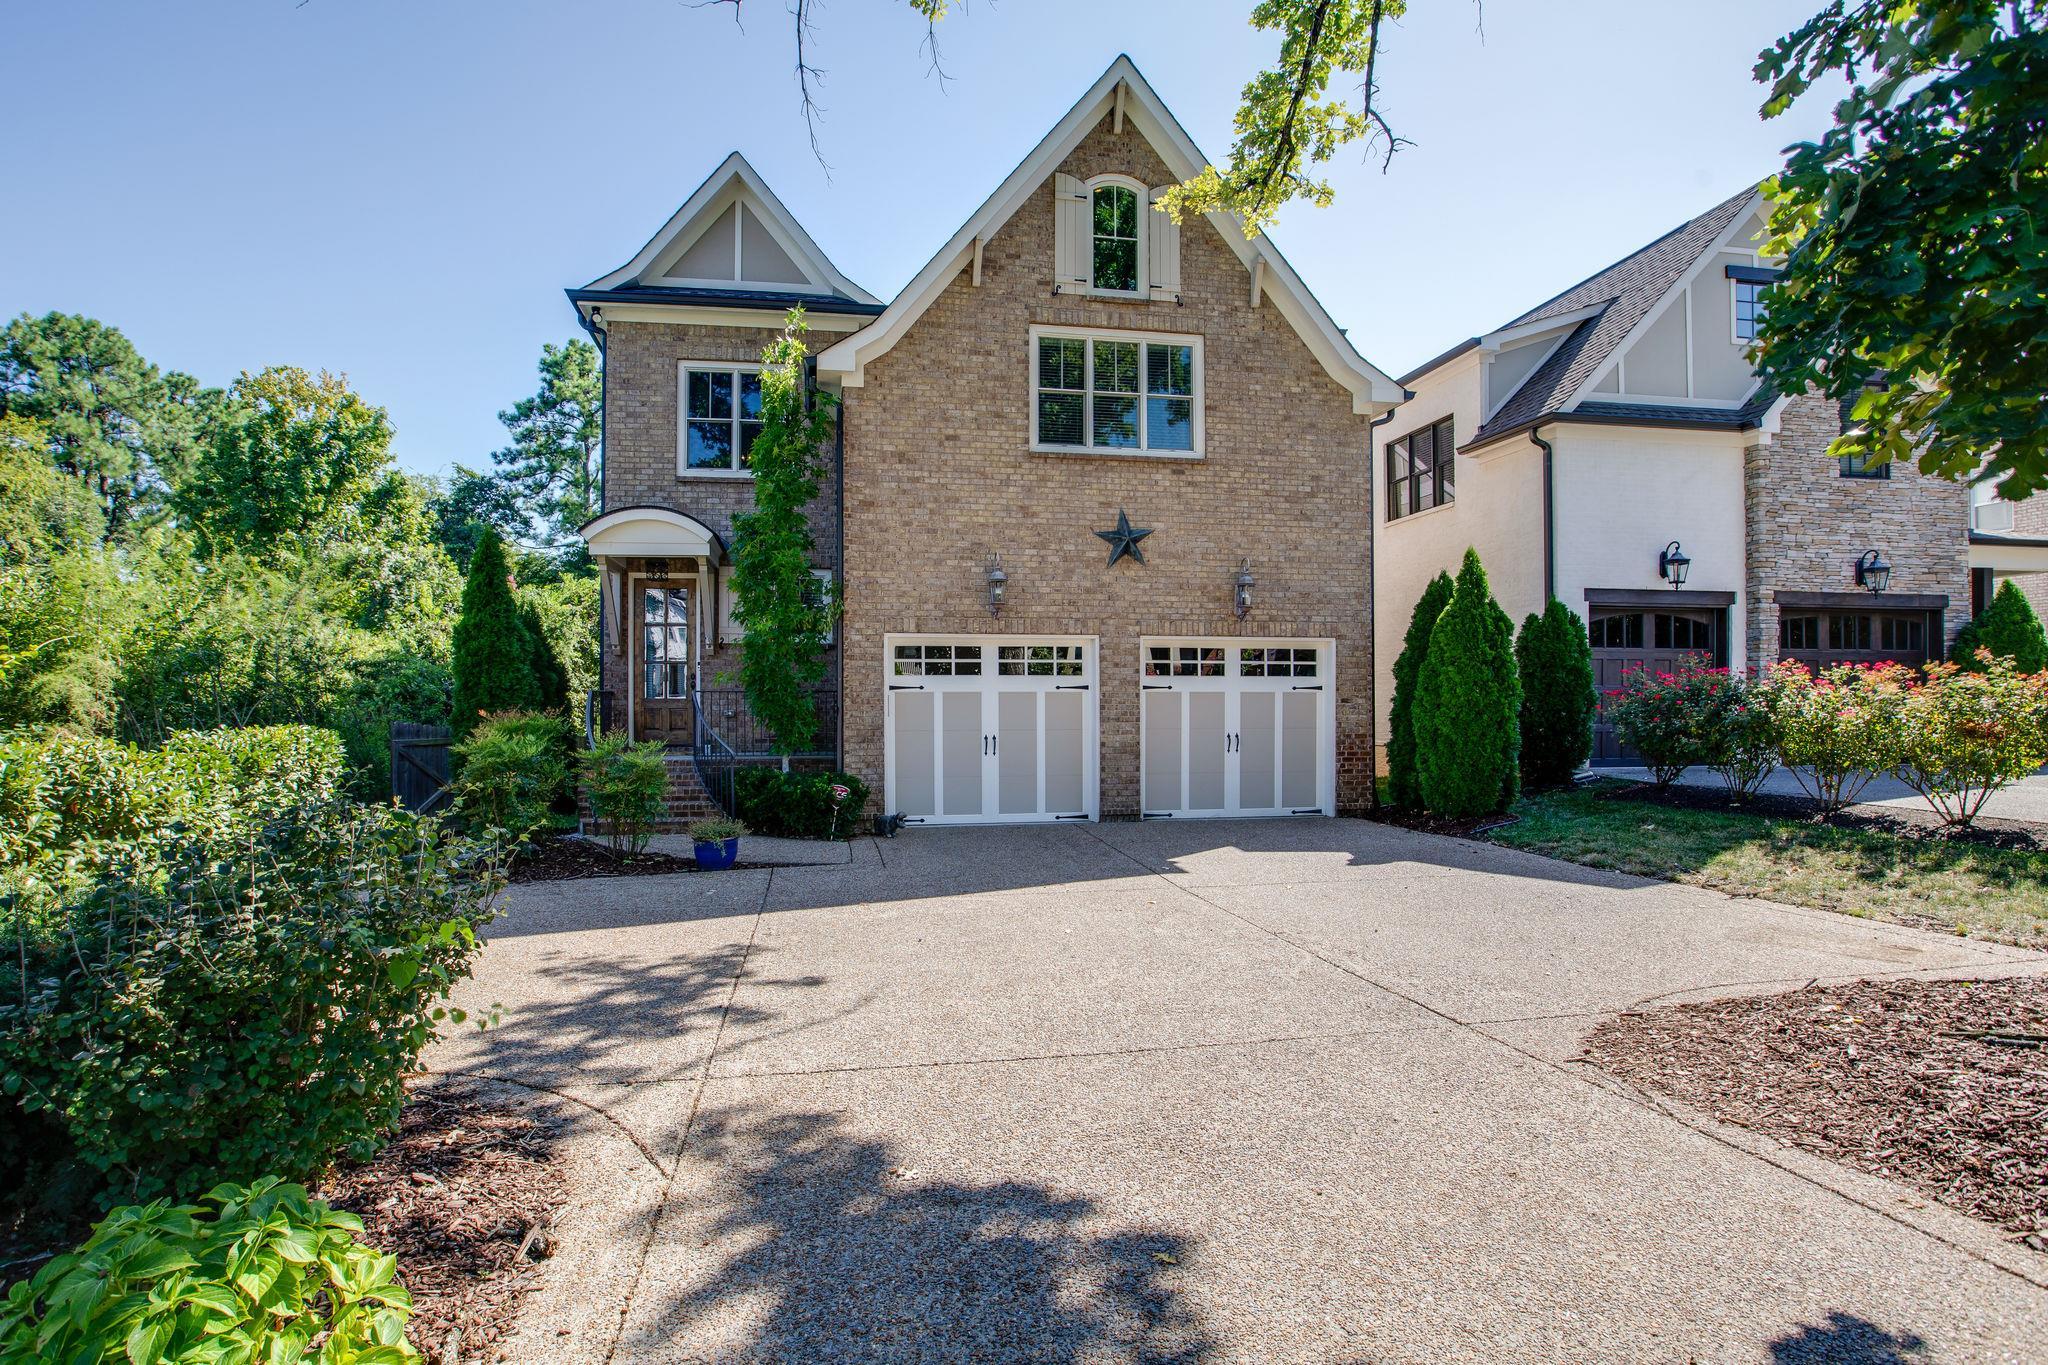 1111A Biltmore Dr, Nashville, TN 37204 - Nashville, TN real estate listing